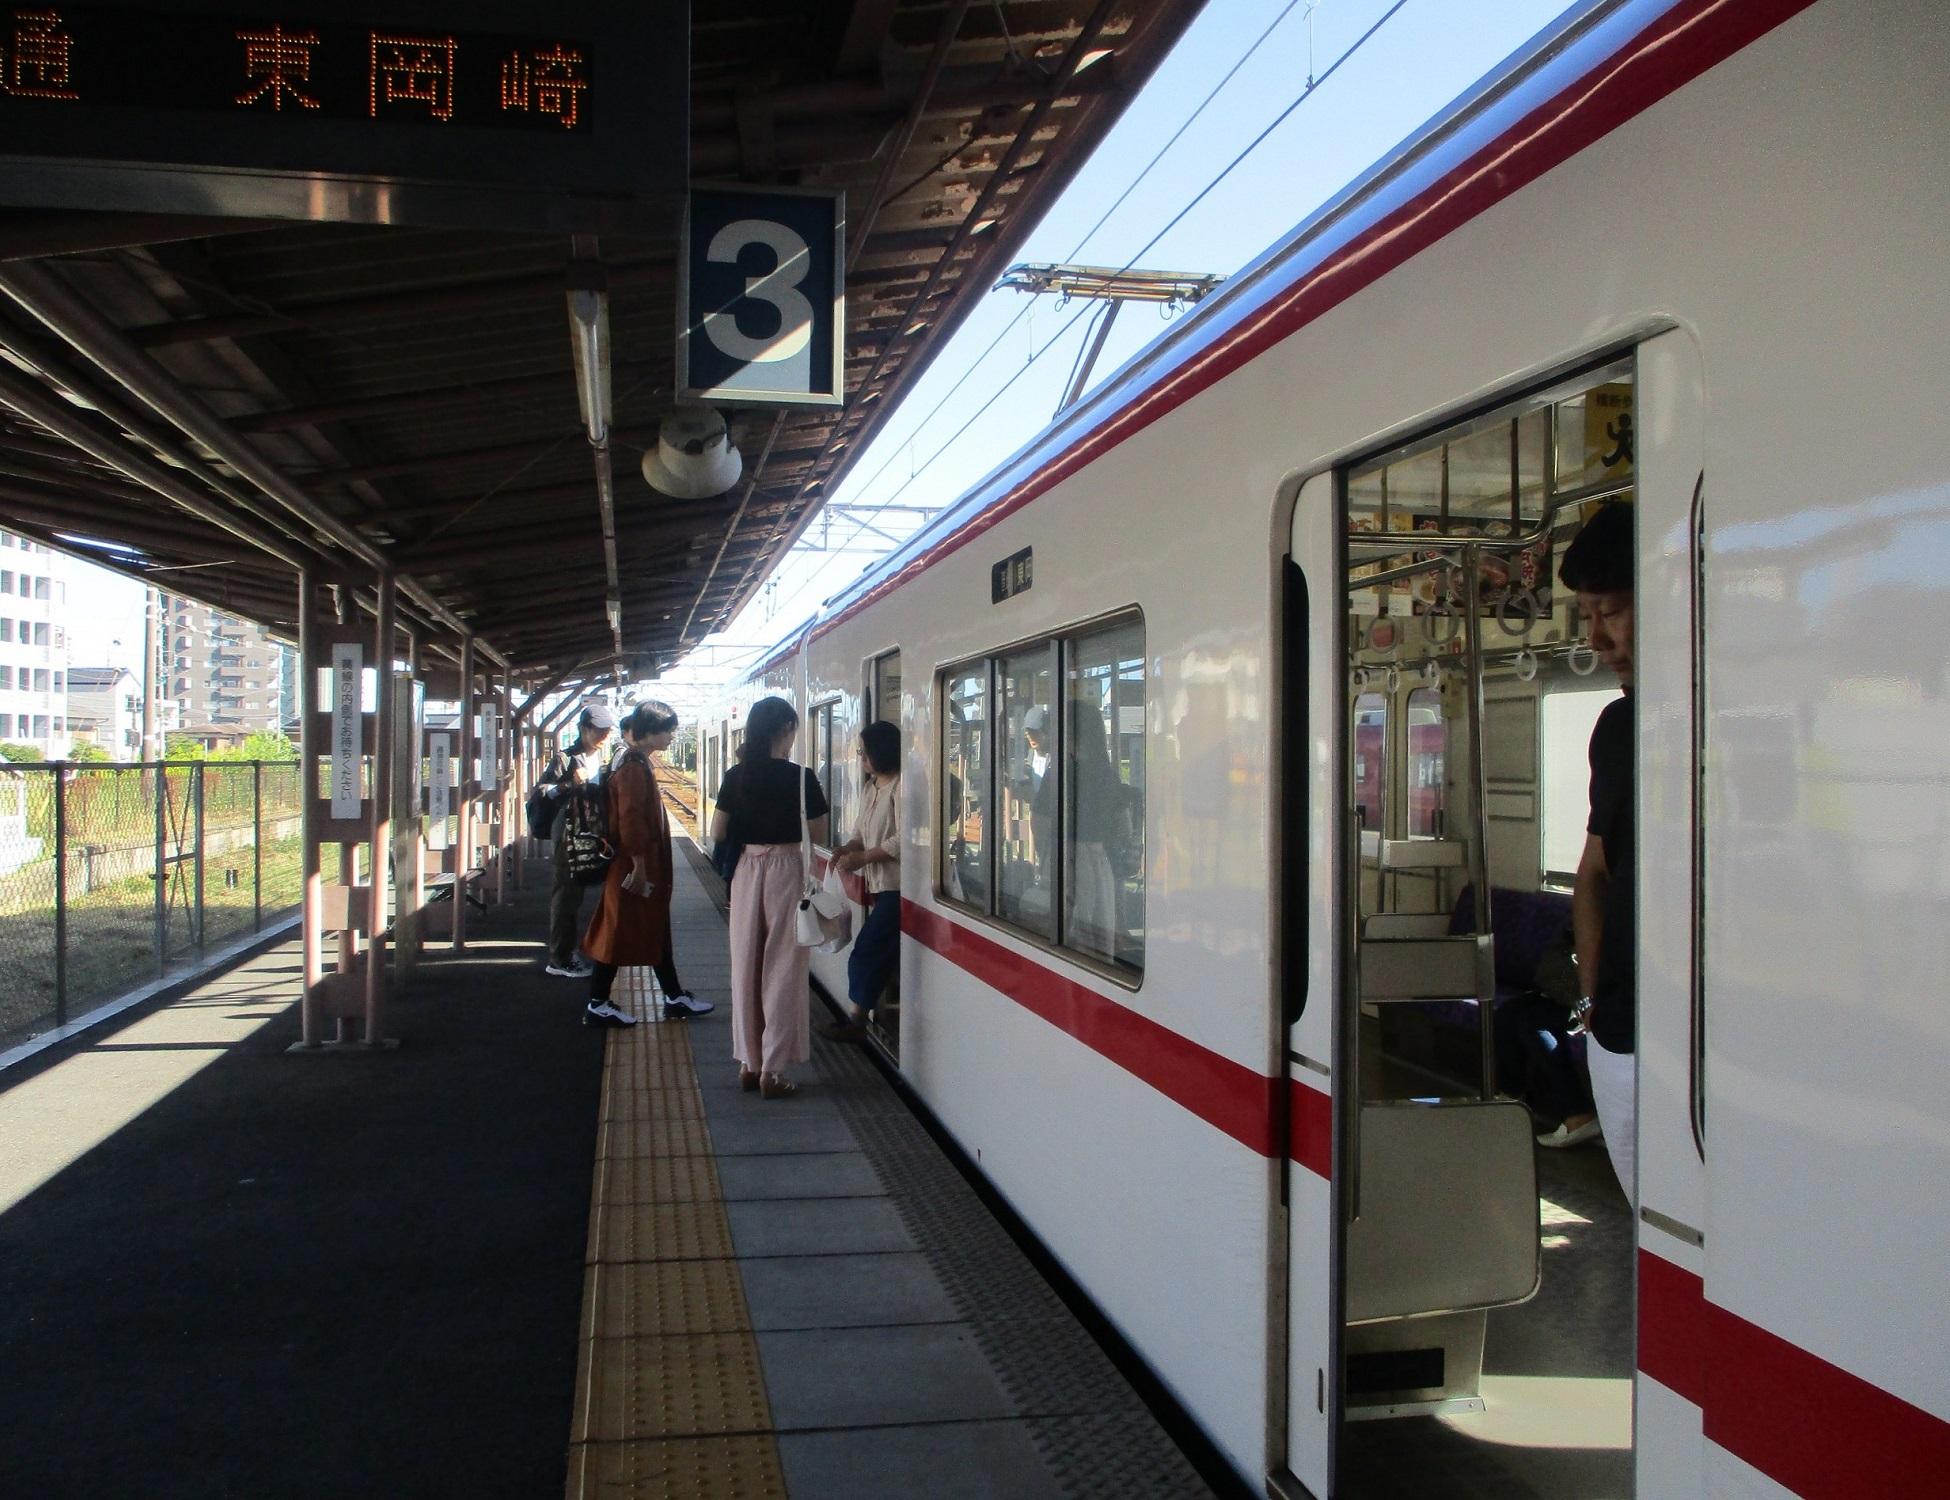 2019.10.13 (16) 矢作橋 - 東岡崎いきふつう 1950-1500